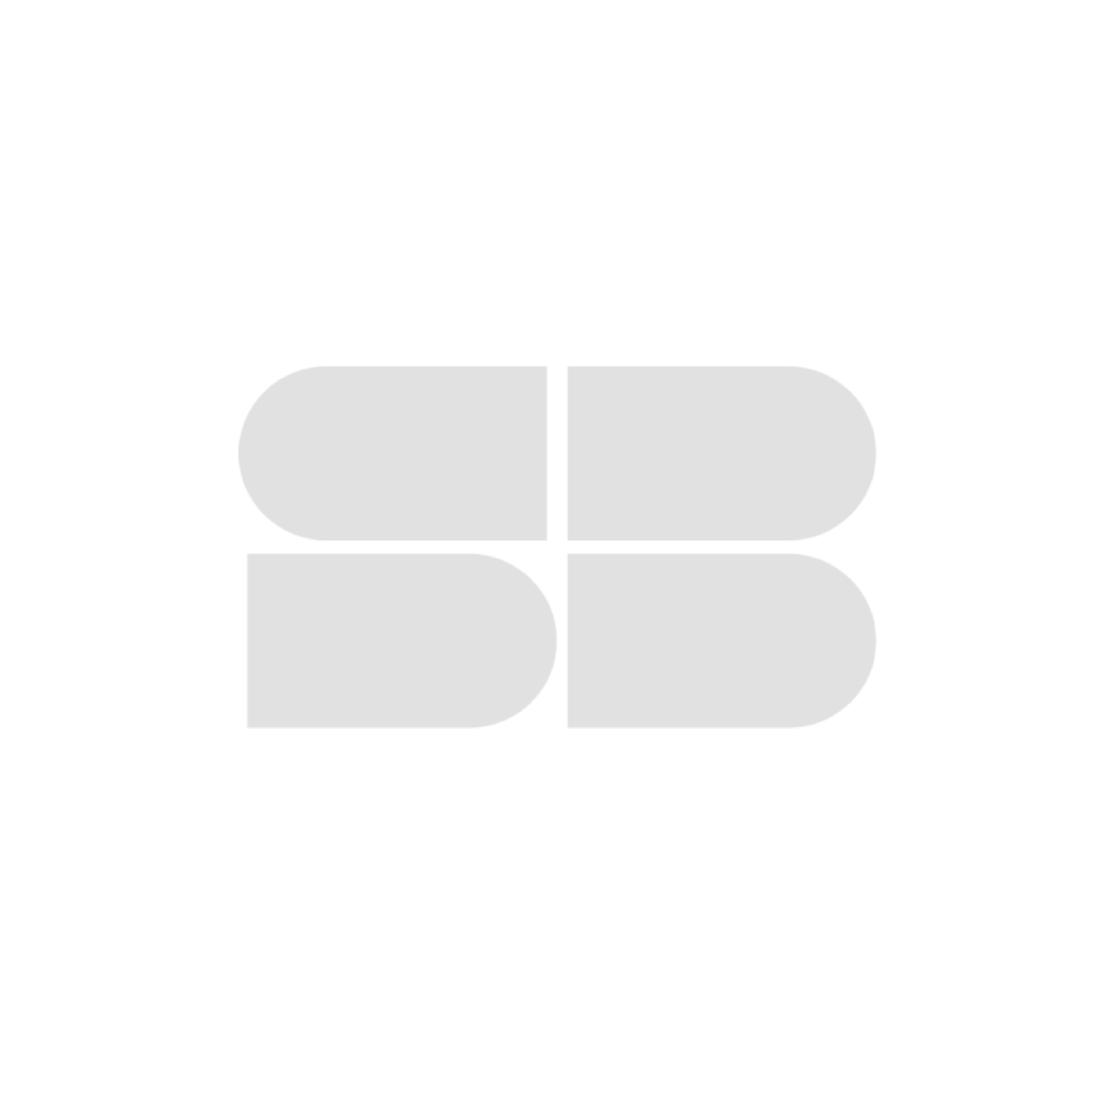 เก้าอี้ทานอาหาร เก้าอี้สตูลบาร์ไม้เบาะหนัง รุ่น A-Oslo สีสีขาว-SB Design Square